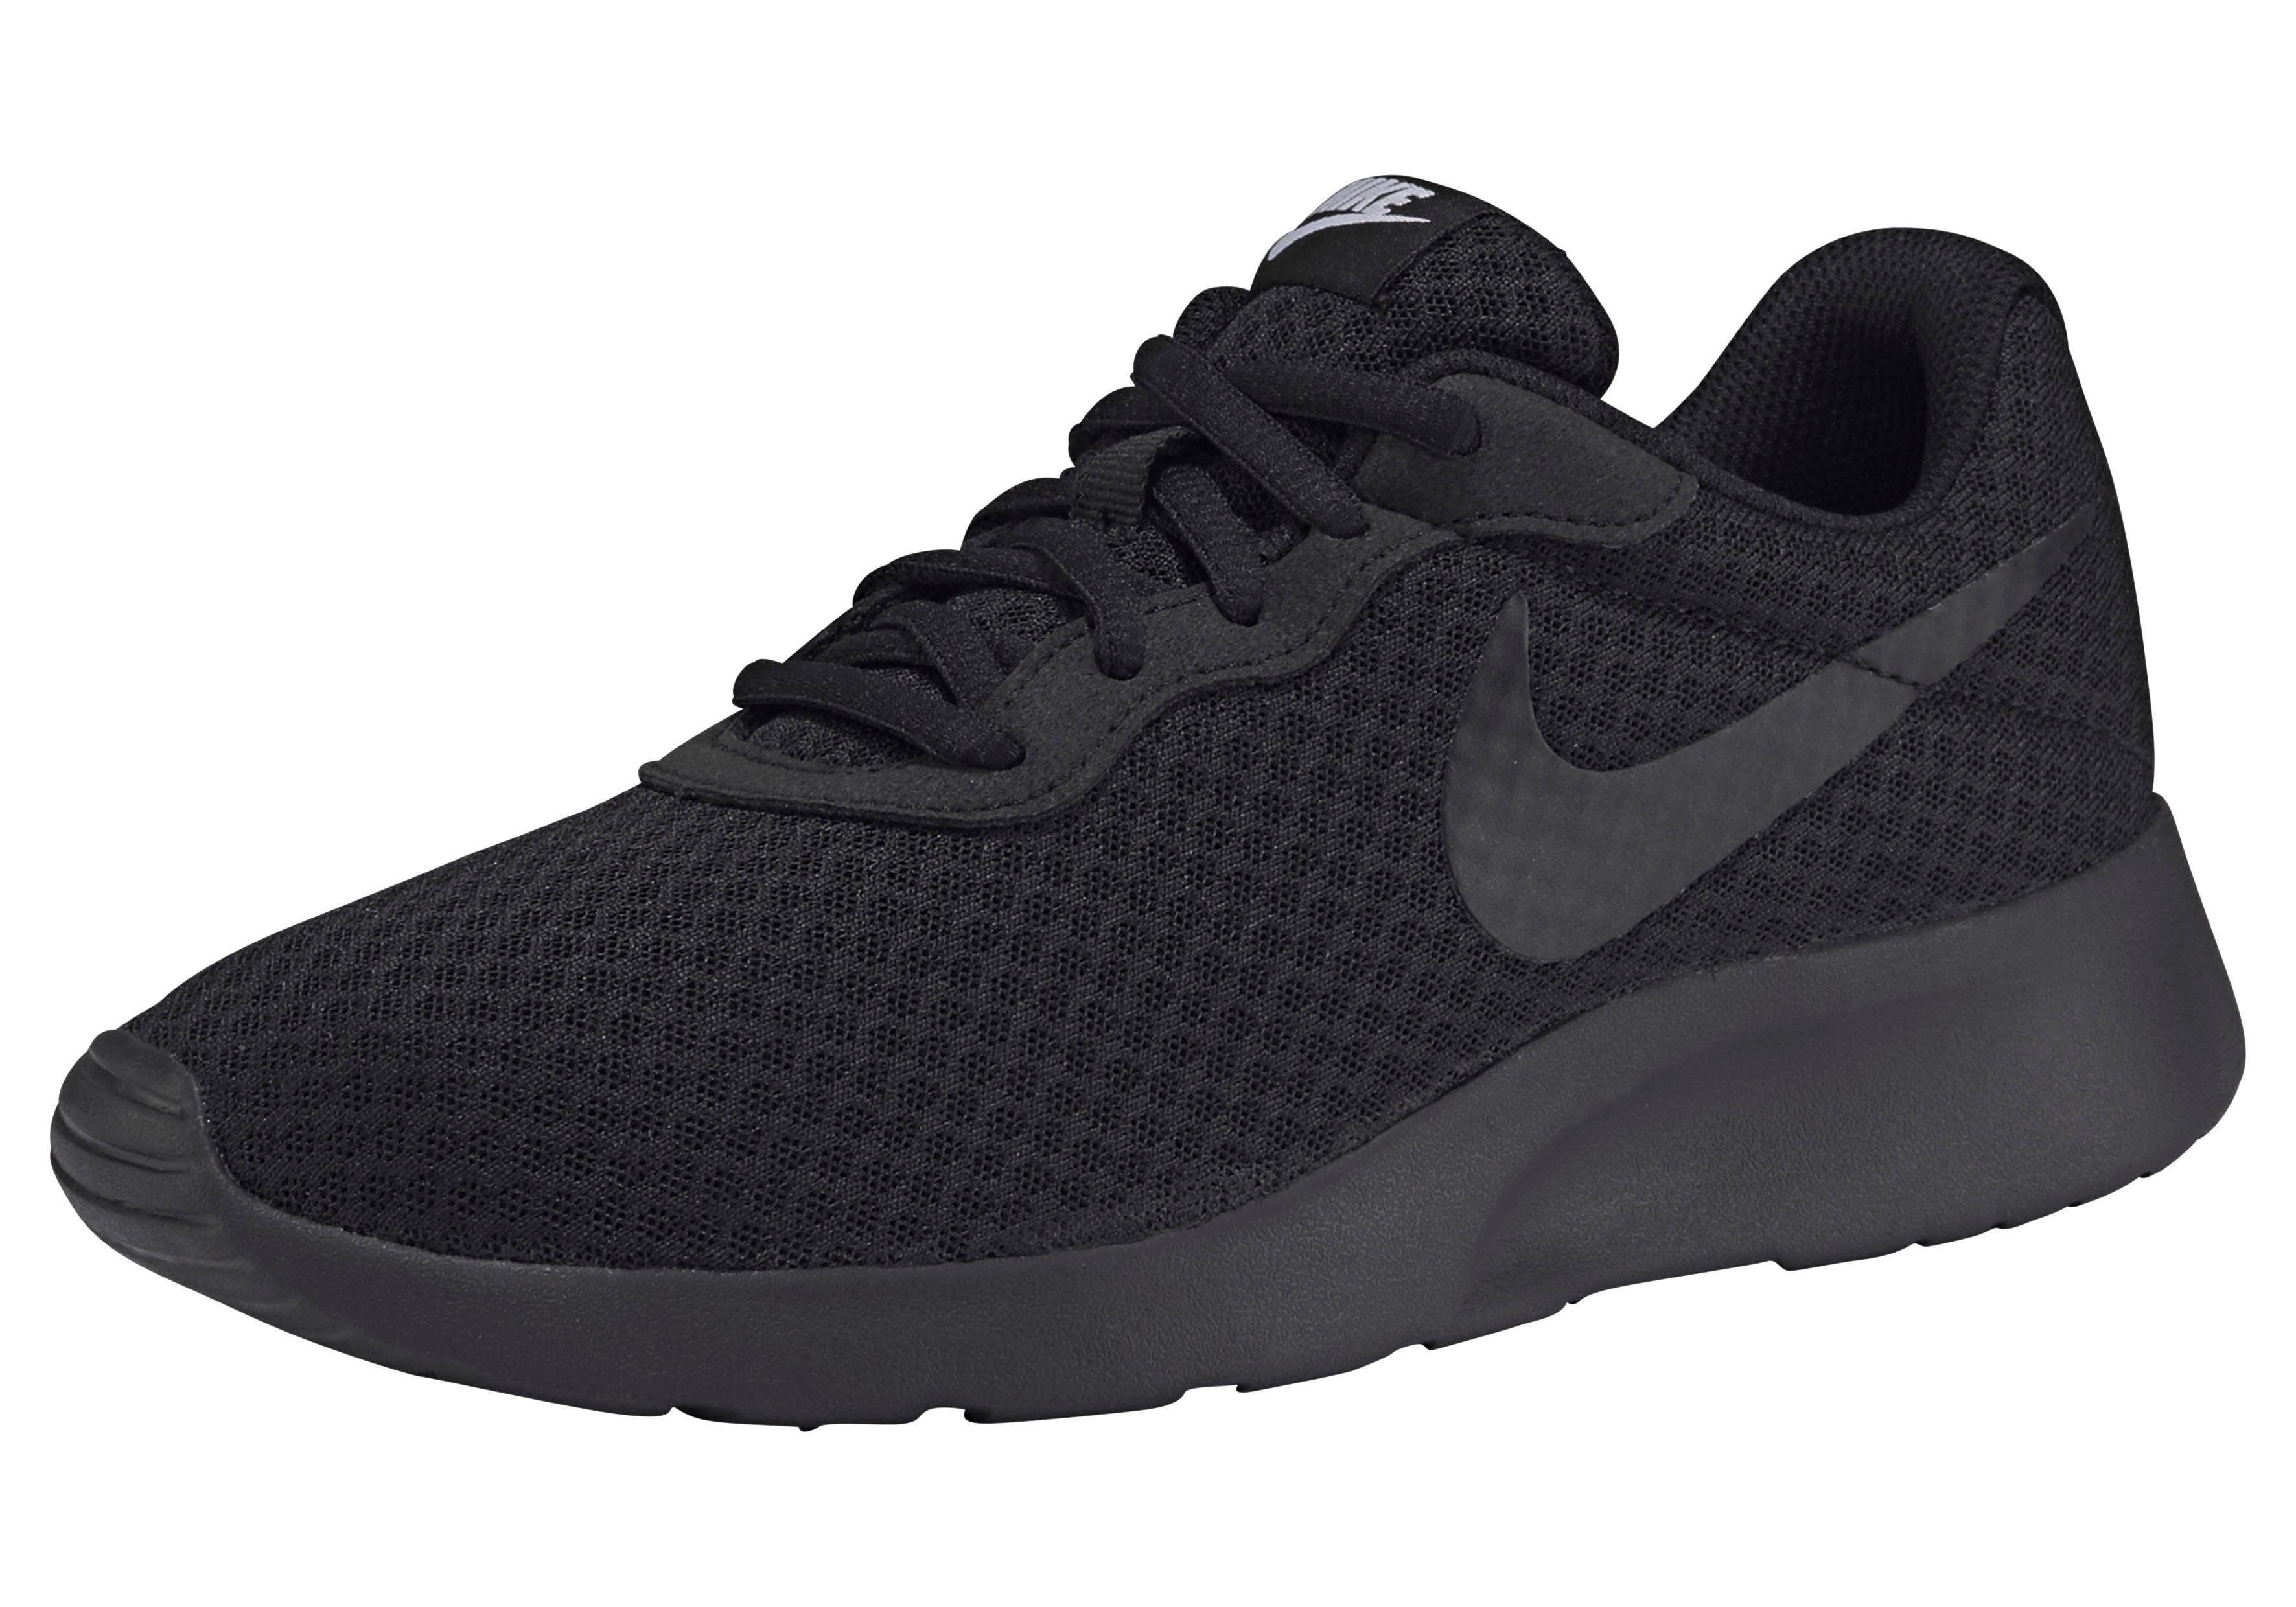 Nike Sportswear »Tanjun Wmns« Sneaker, Stabiles Textil Obermaterial online kaufen | OTTO